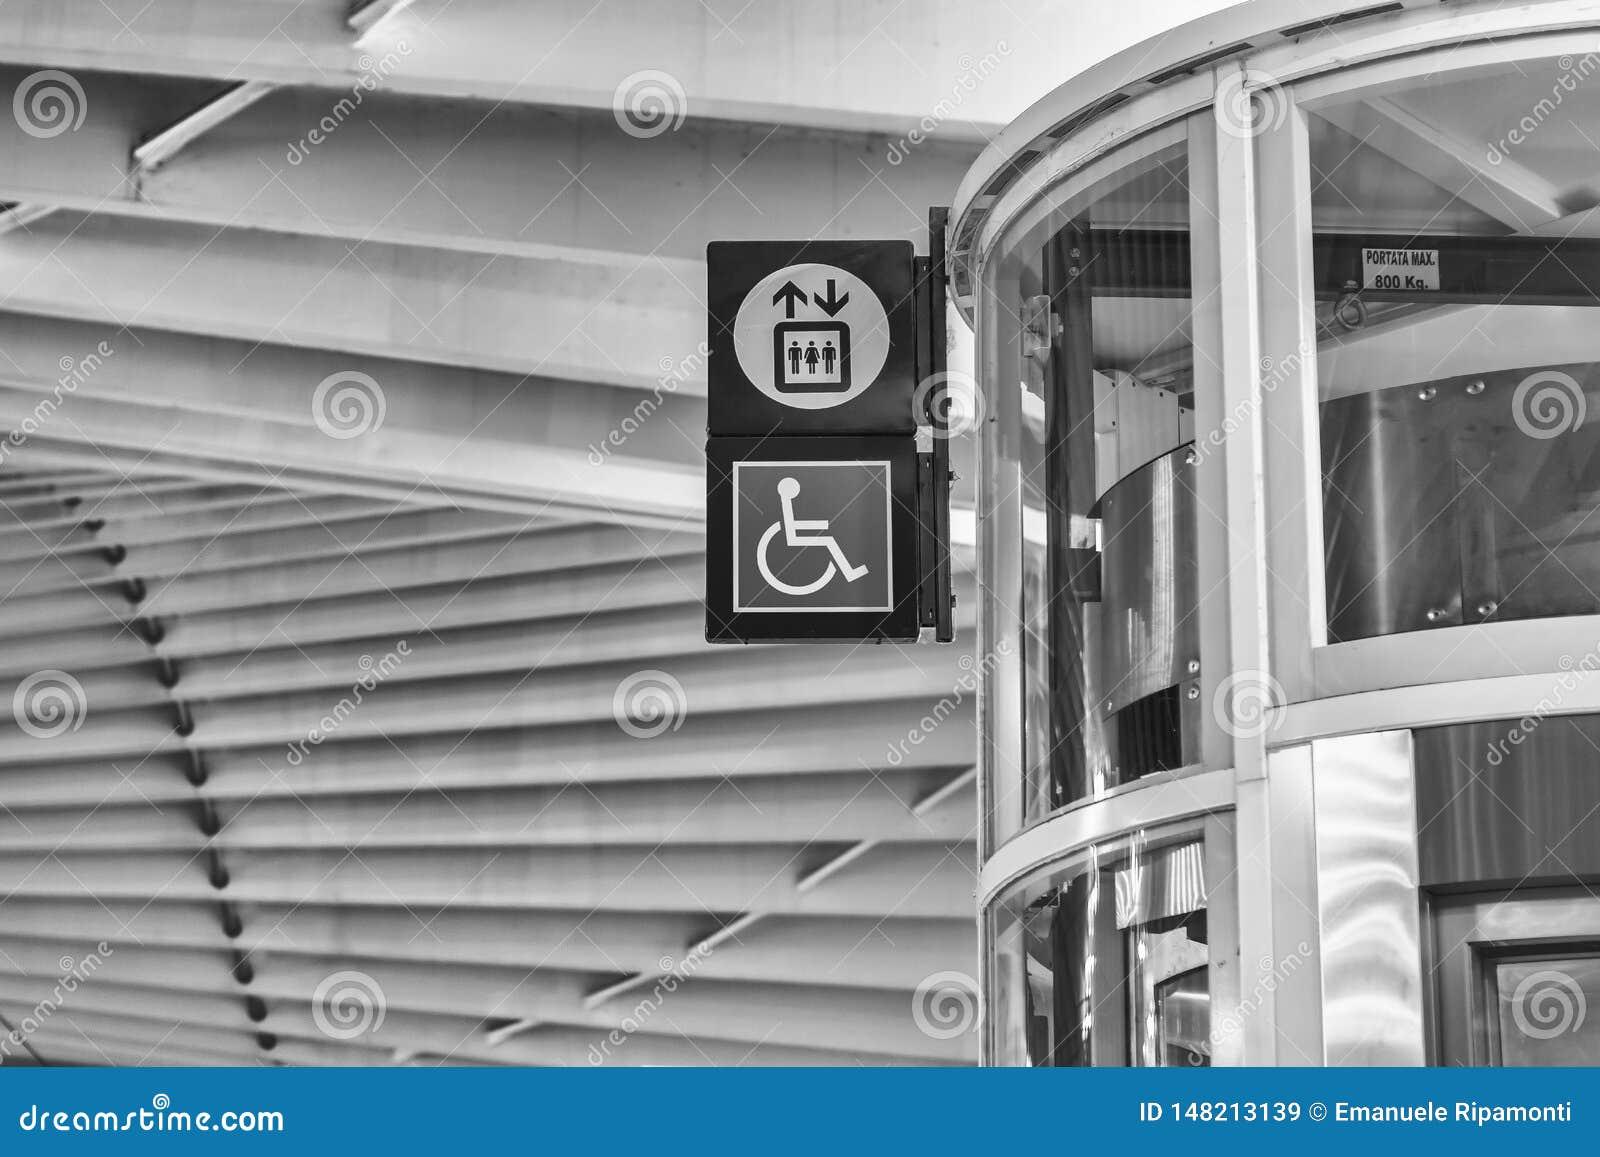 Estación de tren de alta velocidad Reggio Emilia, señal para discapacitado